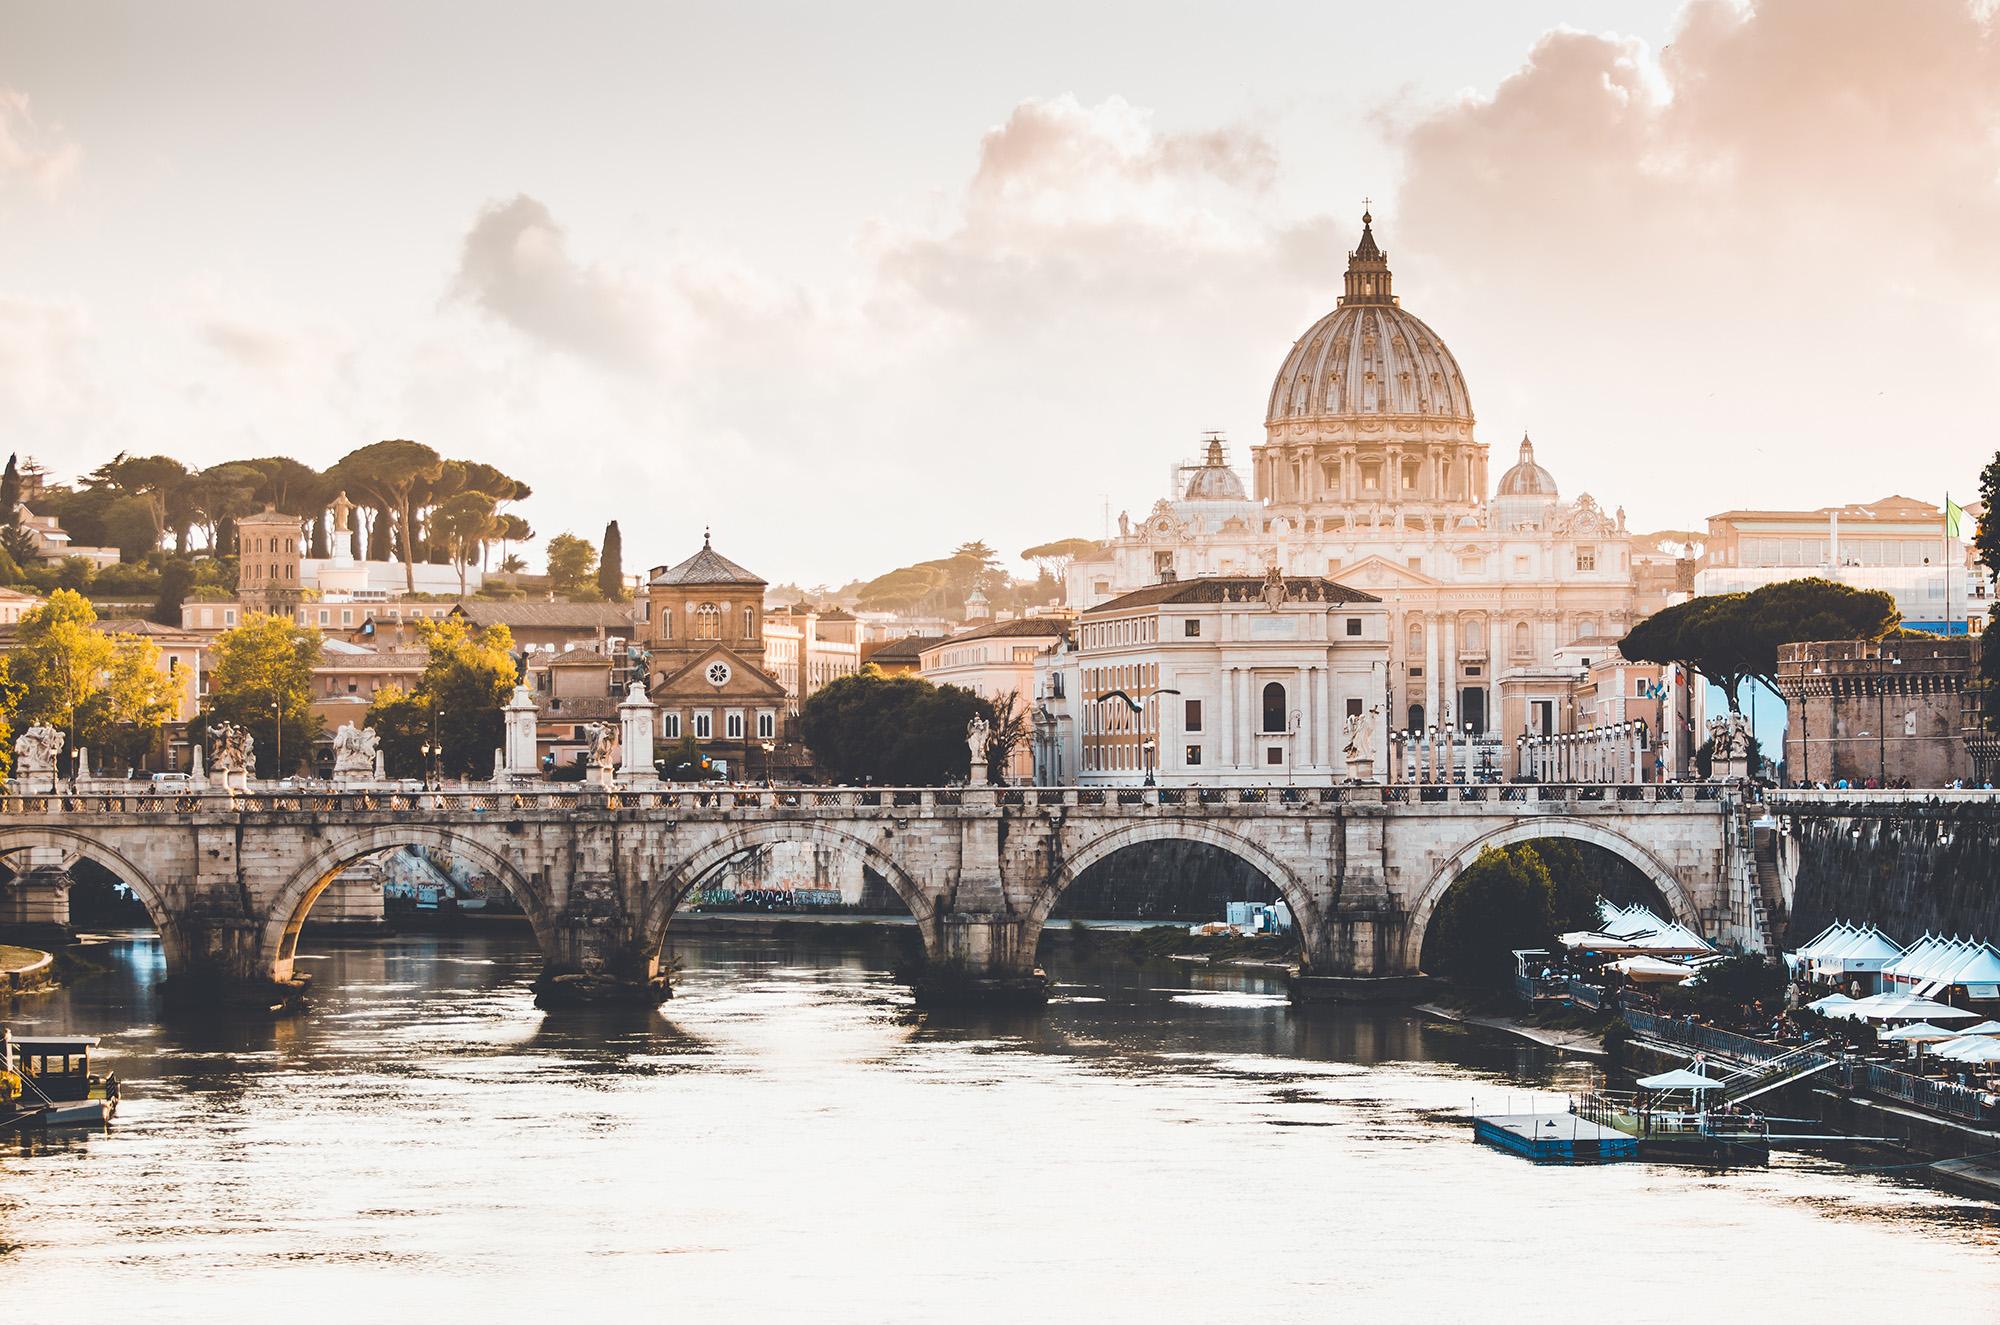 sajam italijanskih univerziteta u sarajevu - via academica - rim